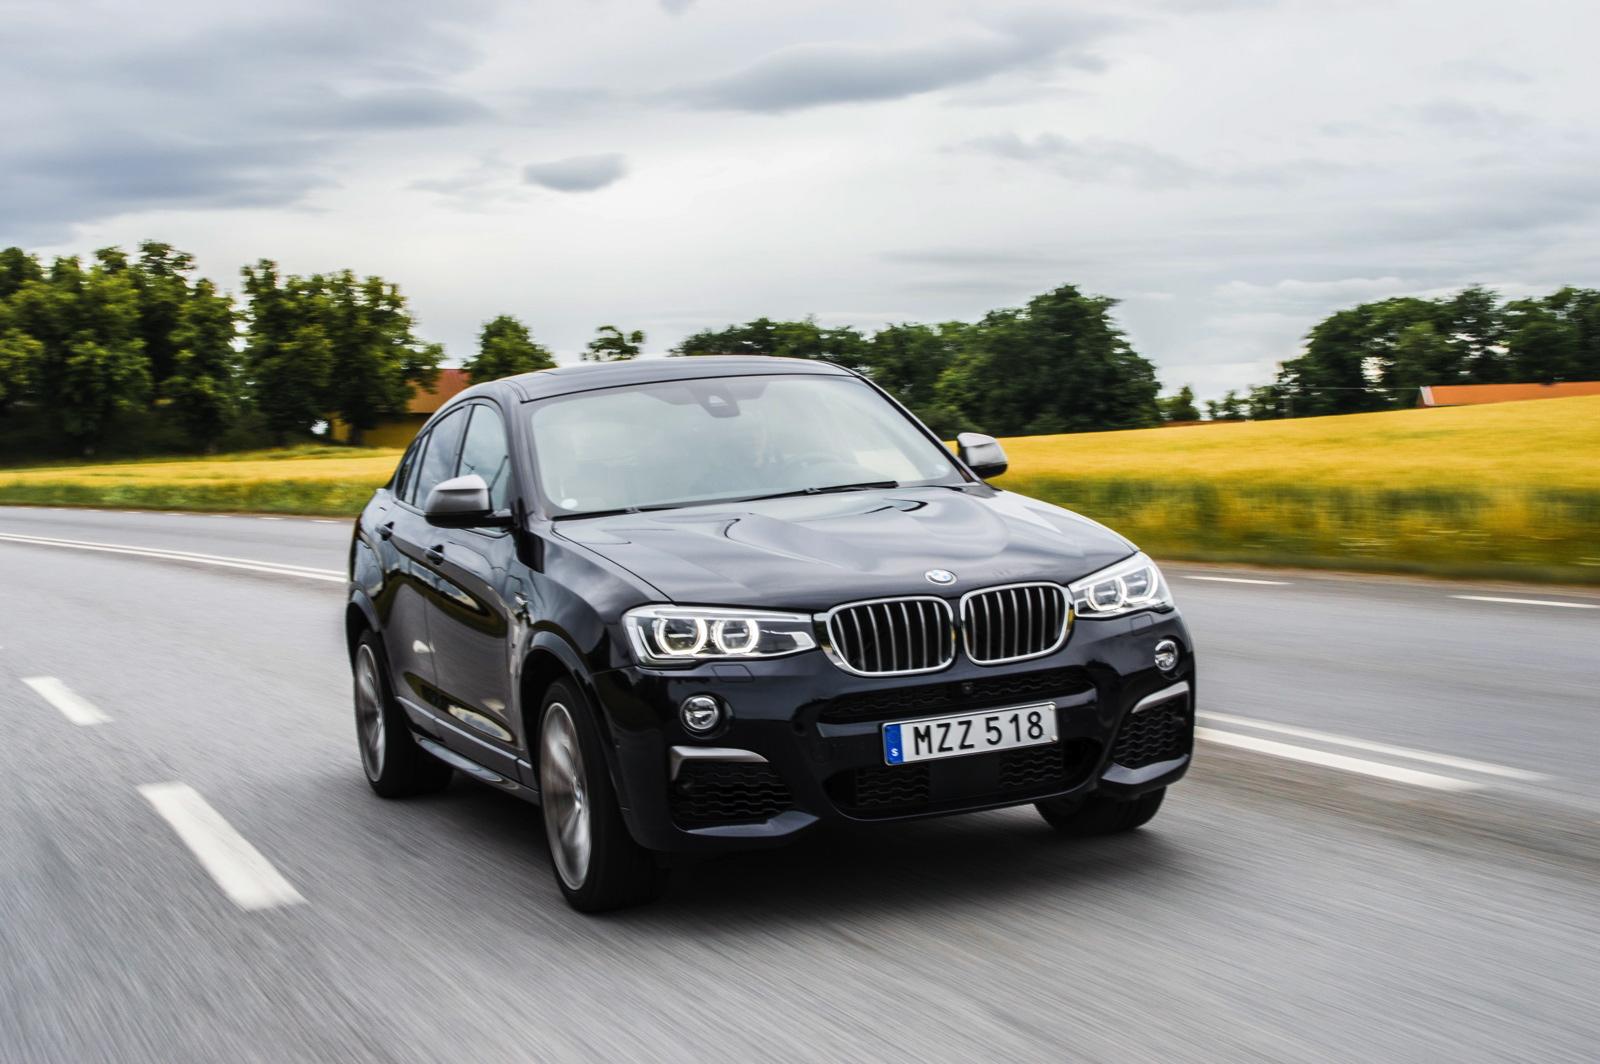 2017 Bmw X4 M40i Test Drive